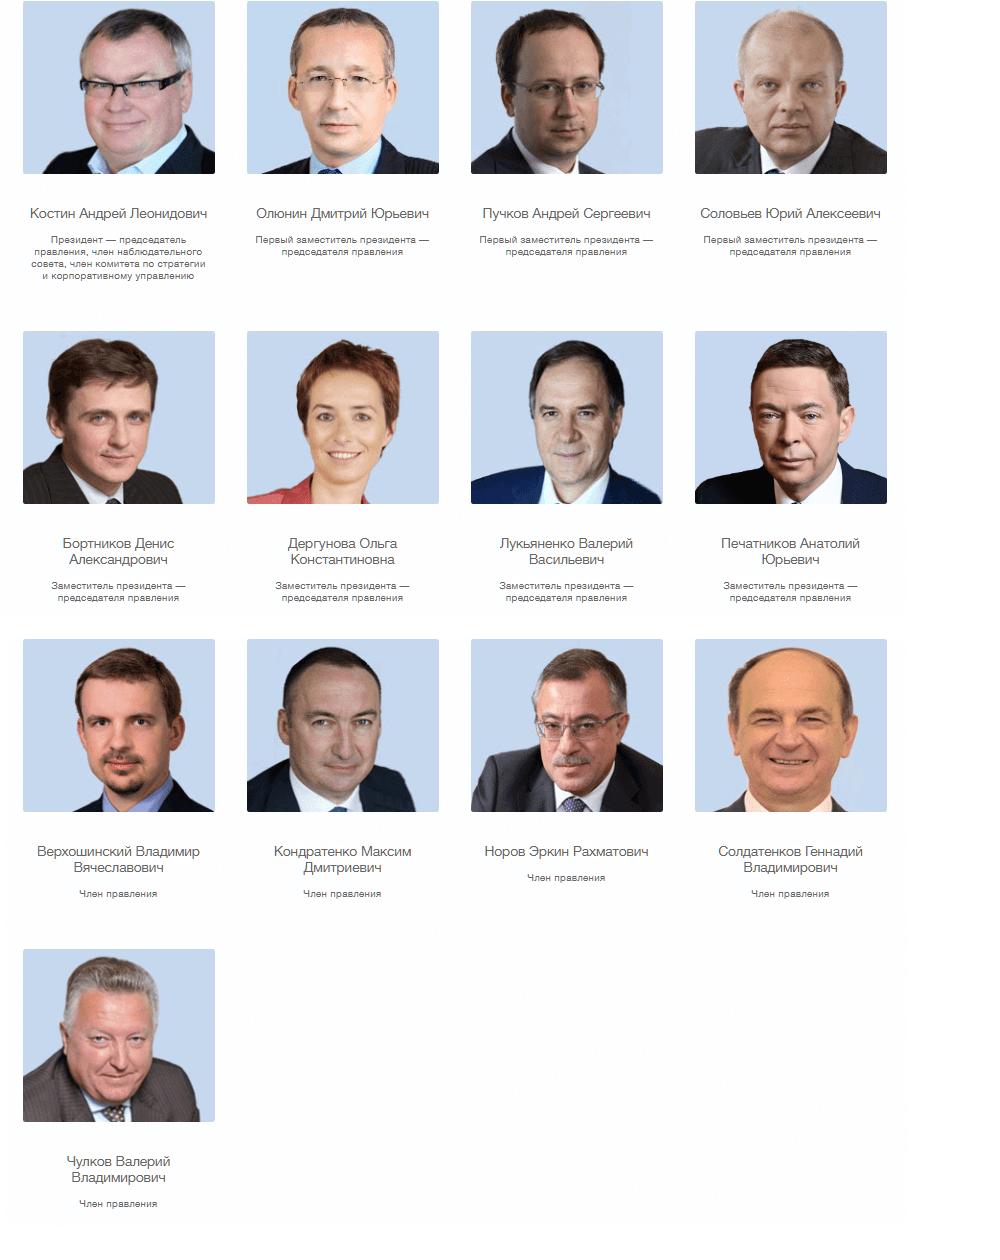 Члены правления ВТБ